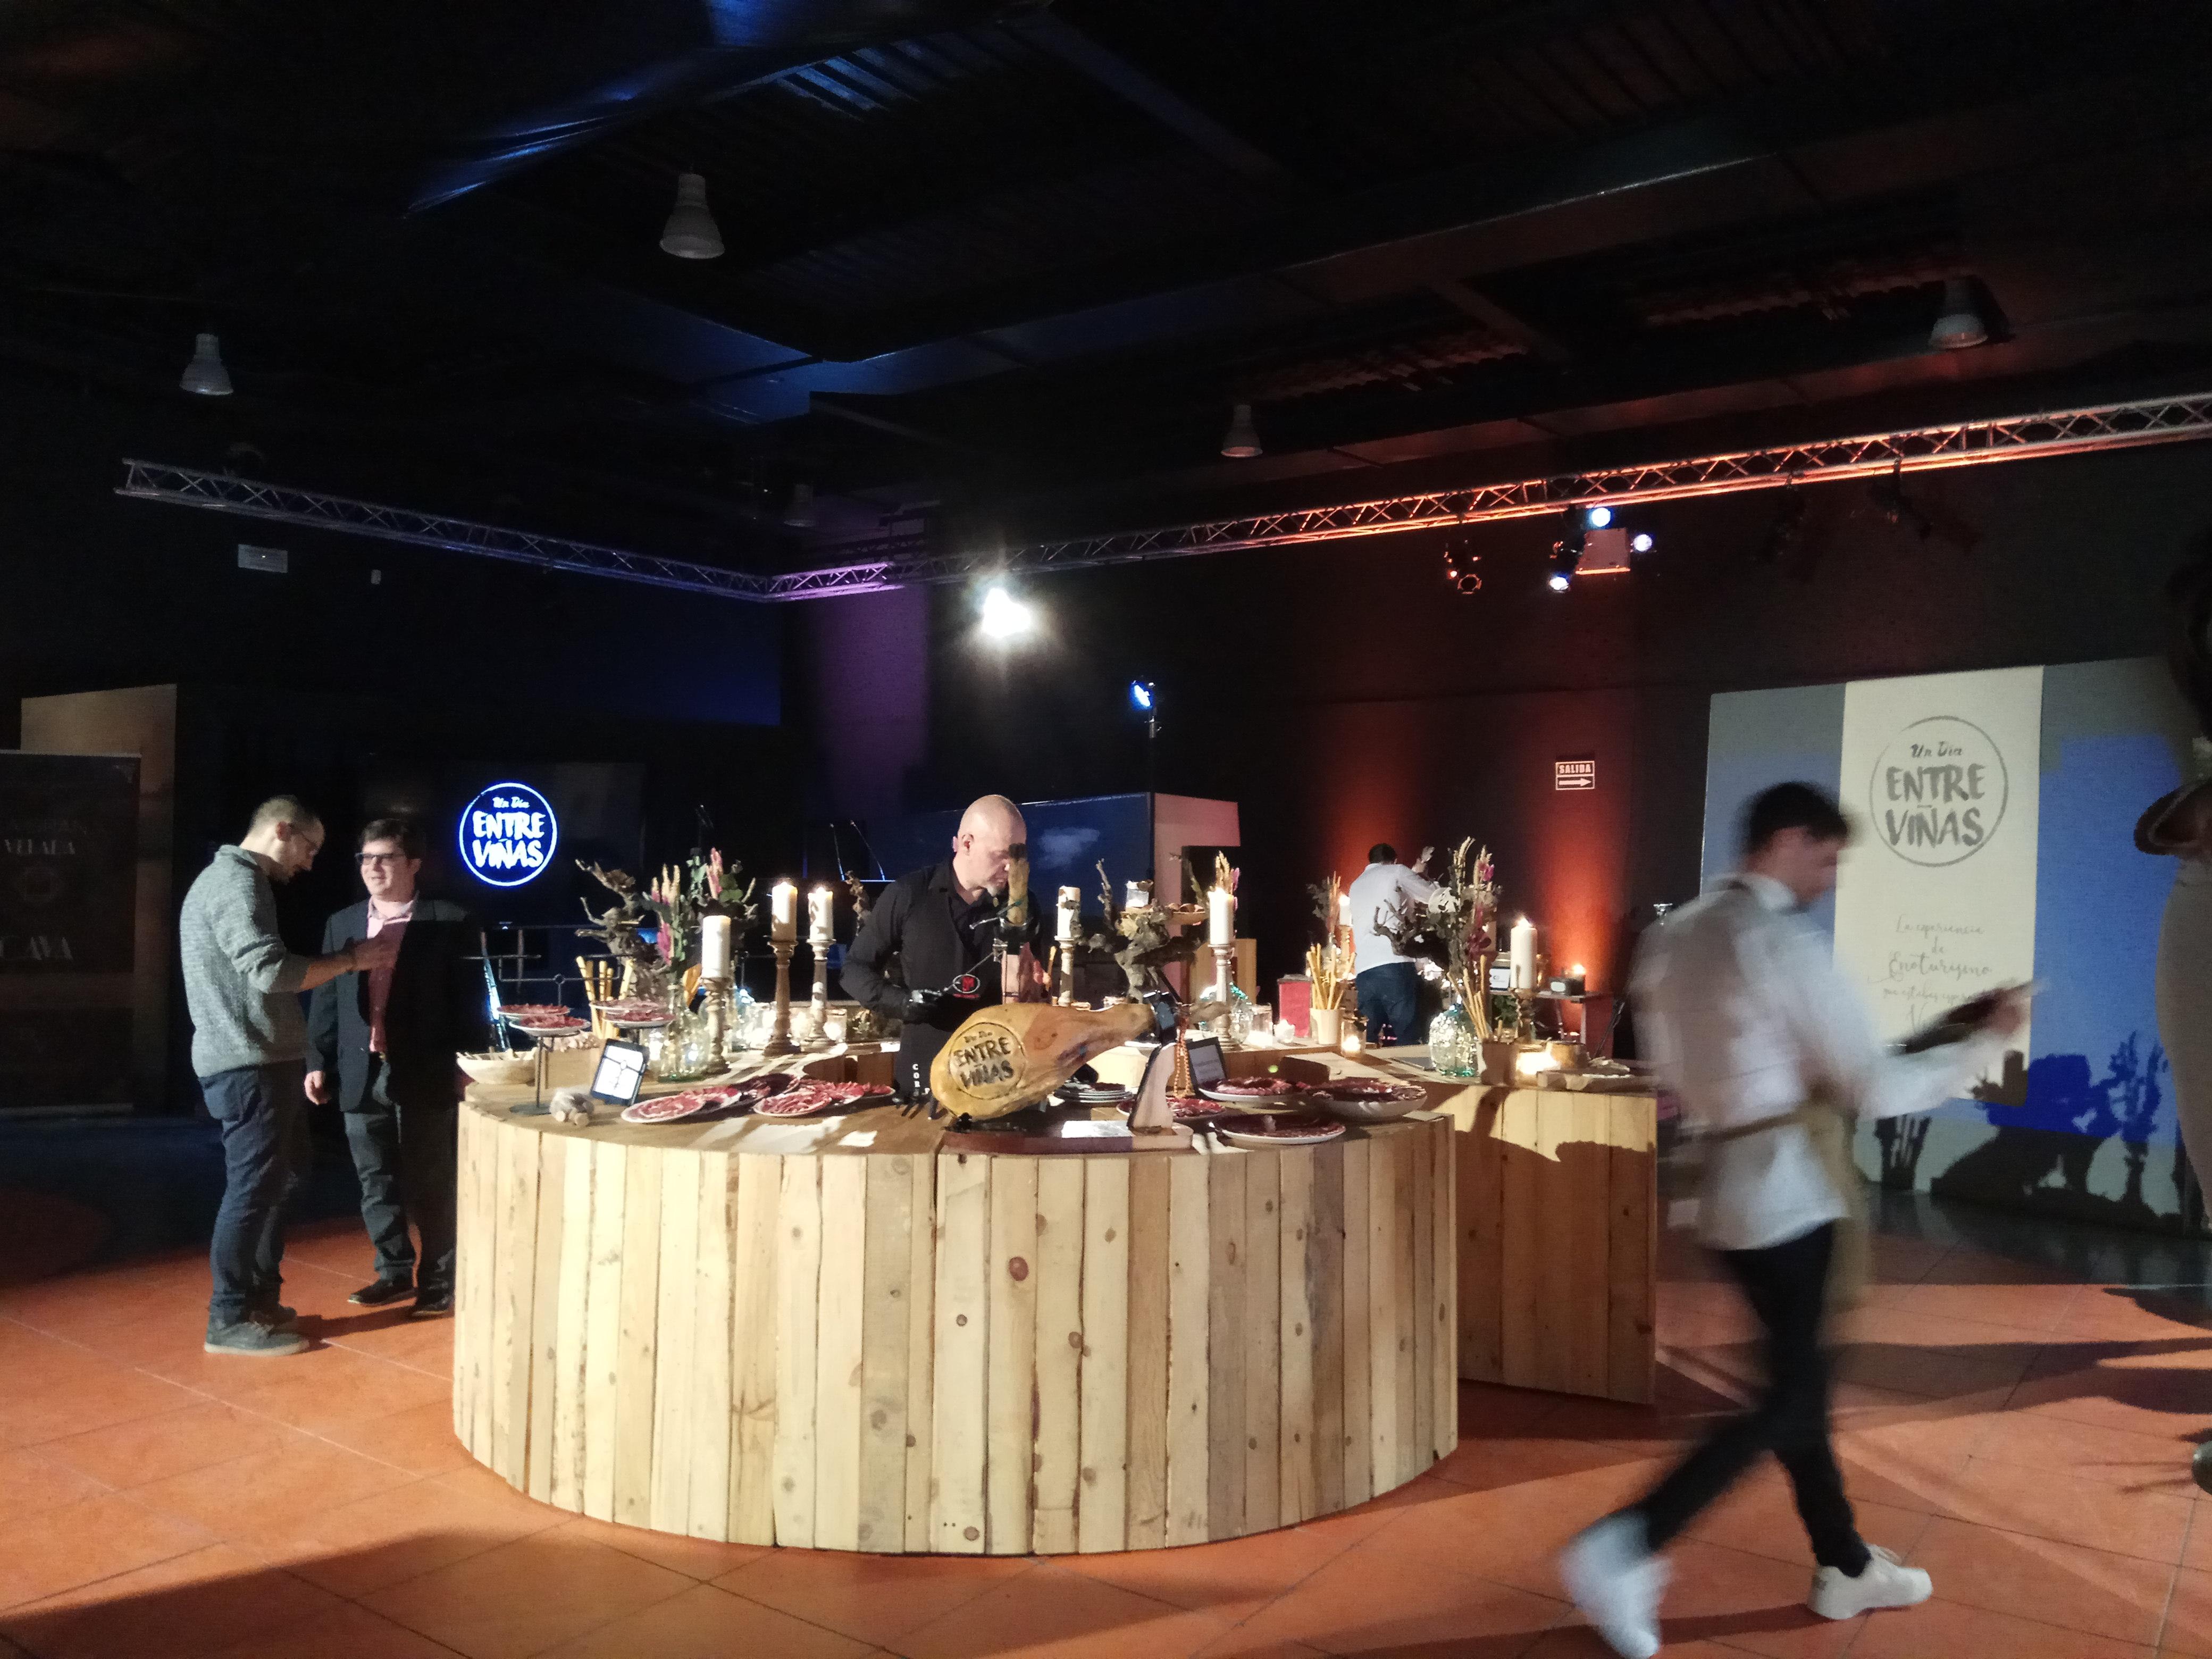 Tardes de vino y turismo en el nuevo Cubo #visitcomarquesvalència